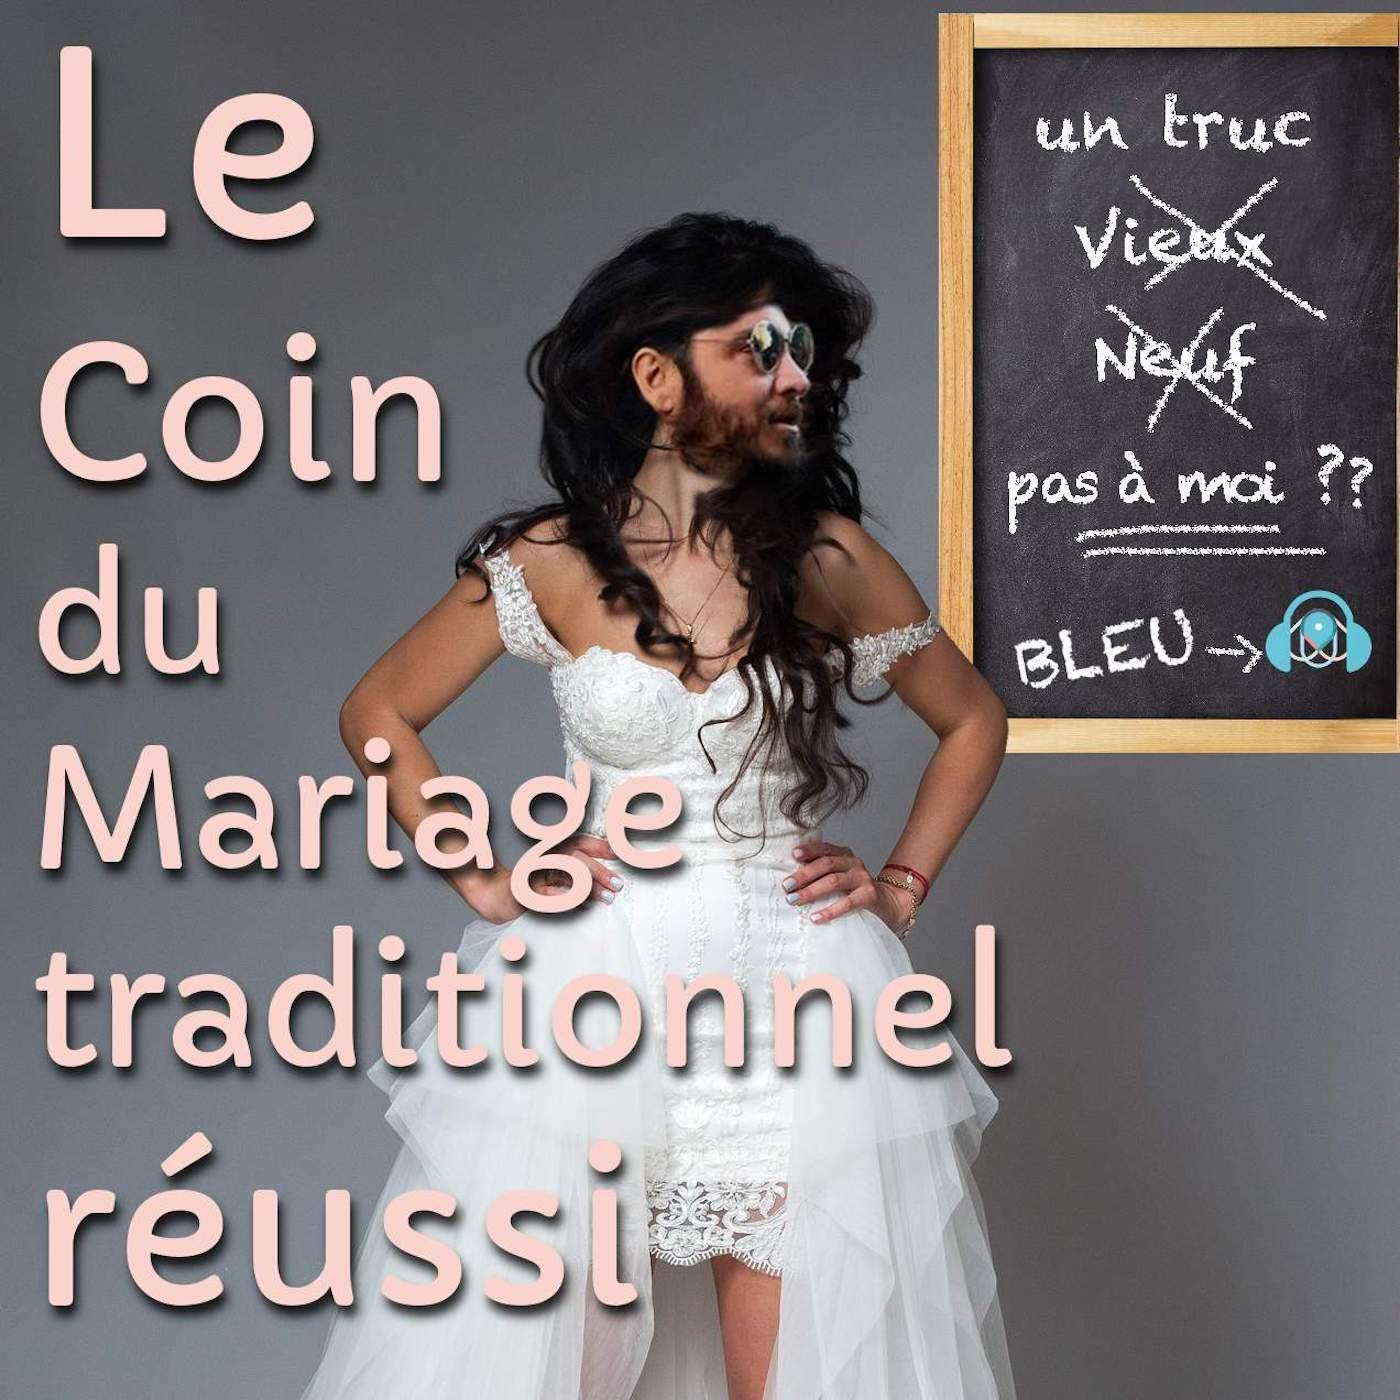 LE COIN DU MARIAGE TRADITIONNEL RÉUSSI S1E27 - Satanique